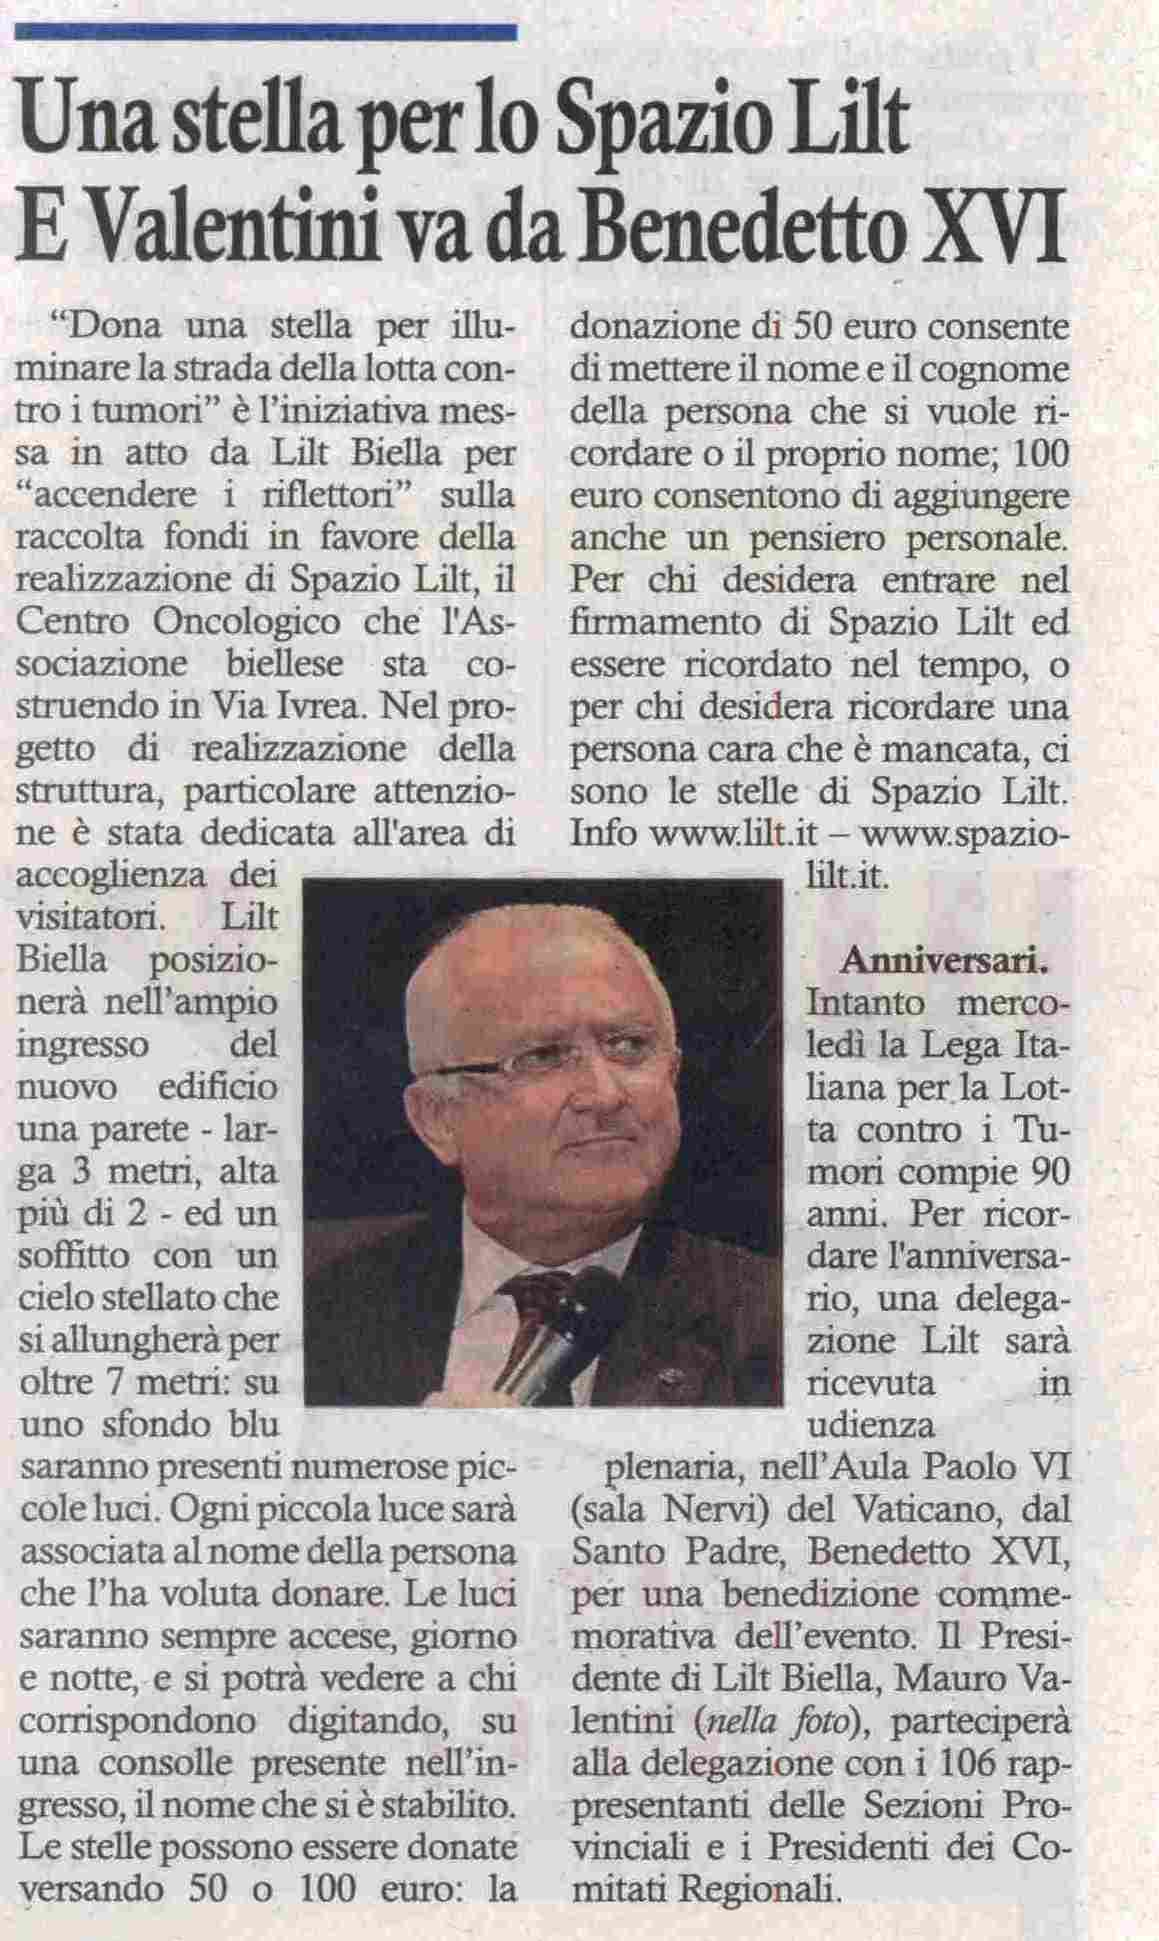 Una stella per lo Spazio Lilt e Valentini va da Benedetto XVI